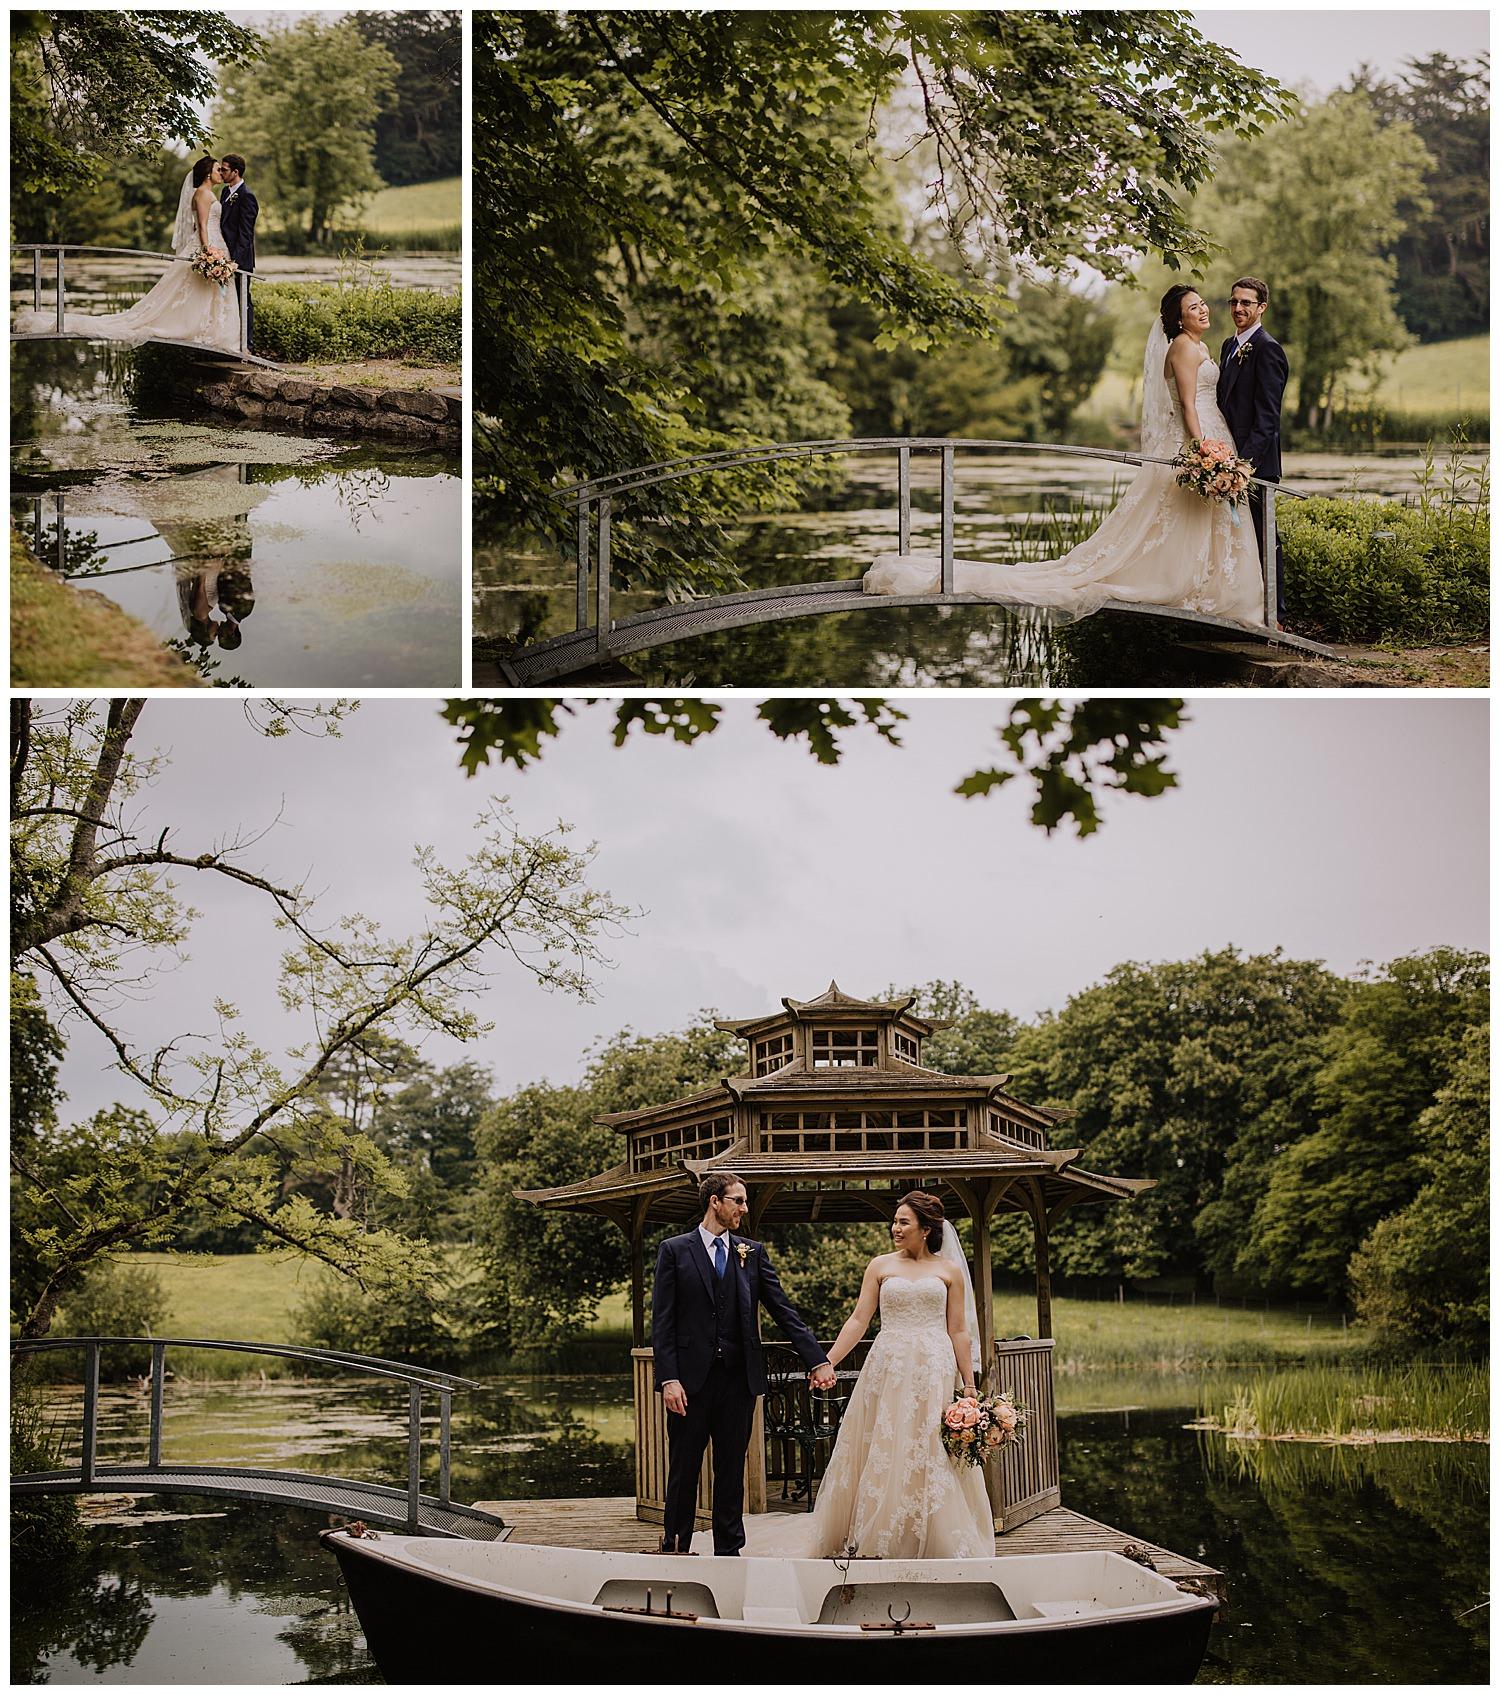 d&m_kilshane_house_wedding_photographer_livia_figueiredo_62.jpg